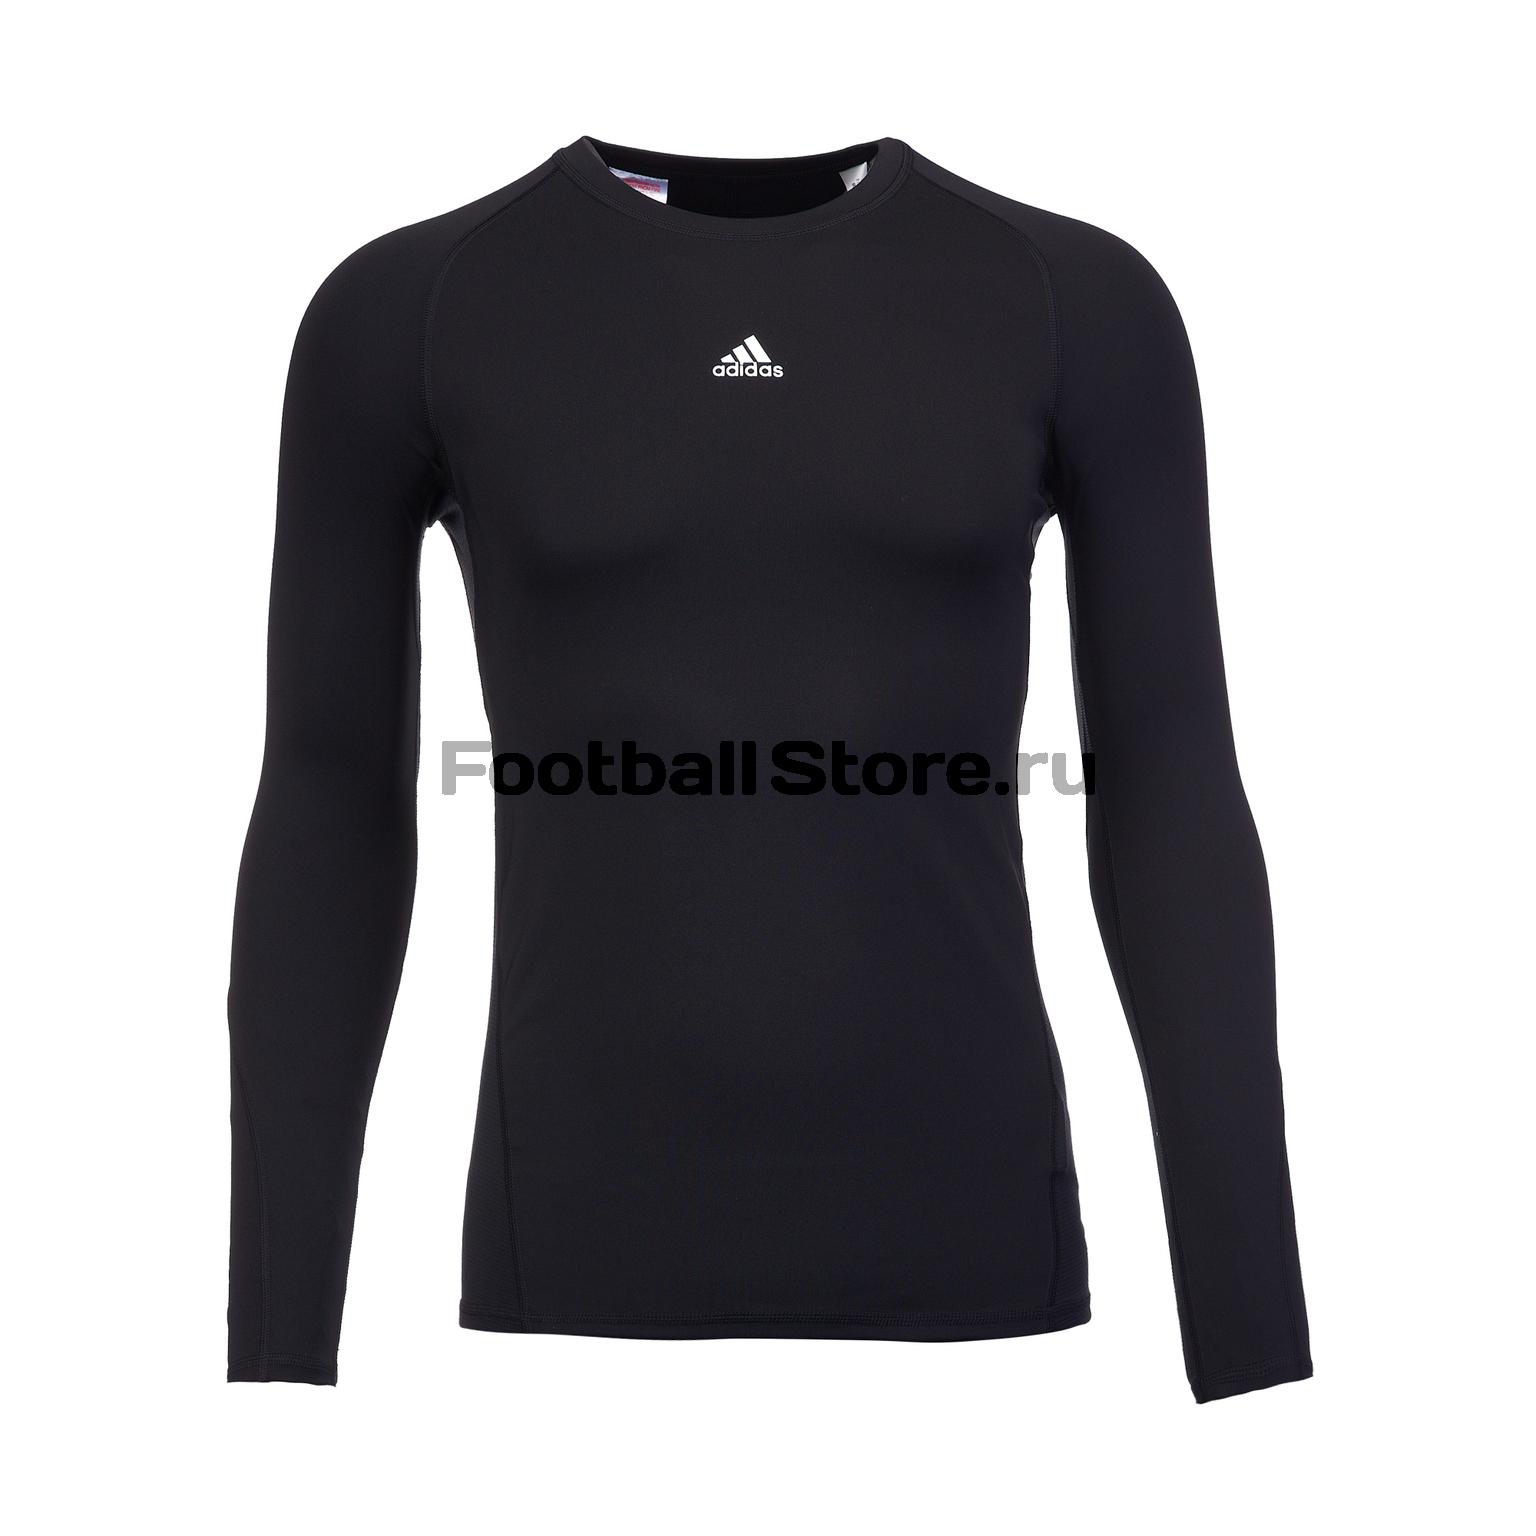 Белье футболка подростковая Adidas LS Tee CW7324 все цены